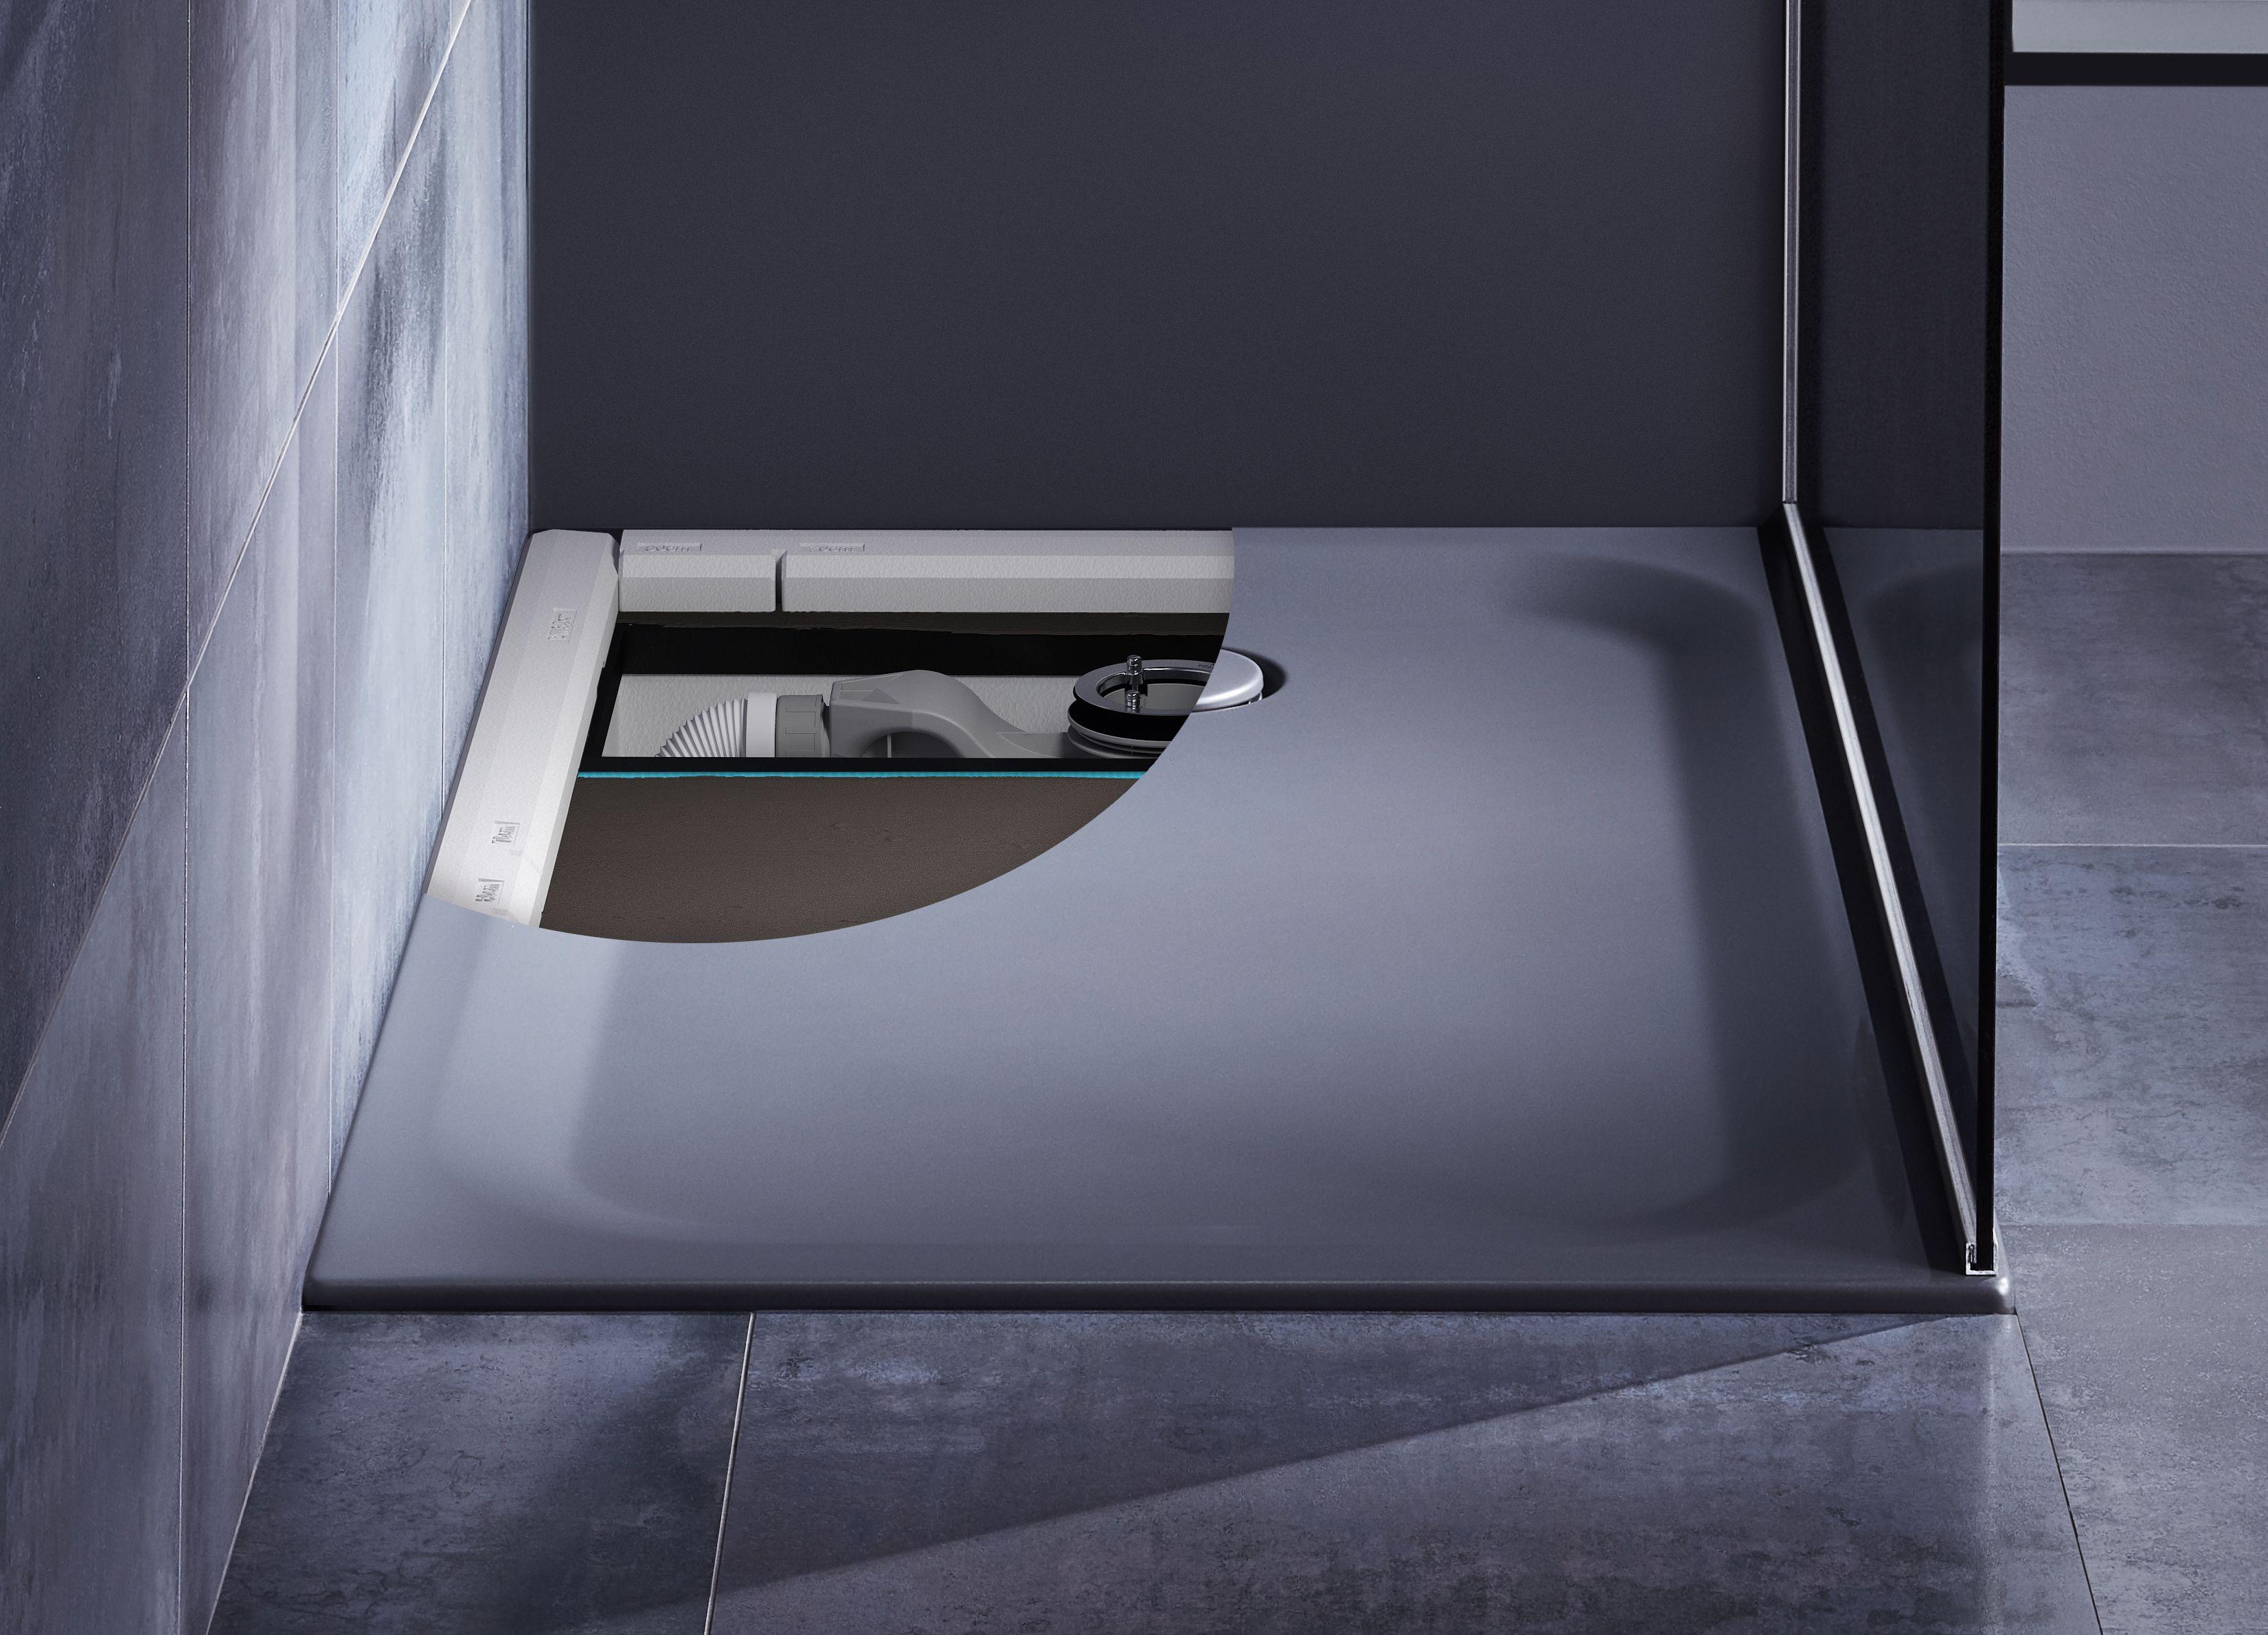 Kombi Losung Von Bette Duschwannen Im Handumdrehen Installieren Duschwanne Dusche Wanne